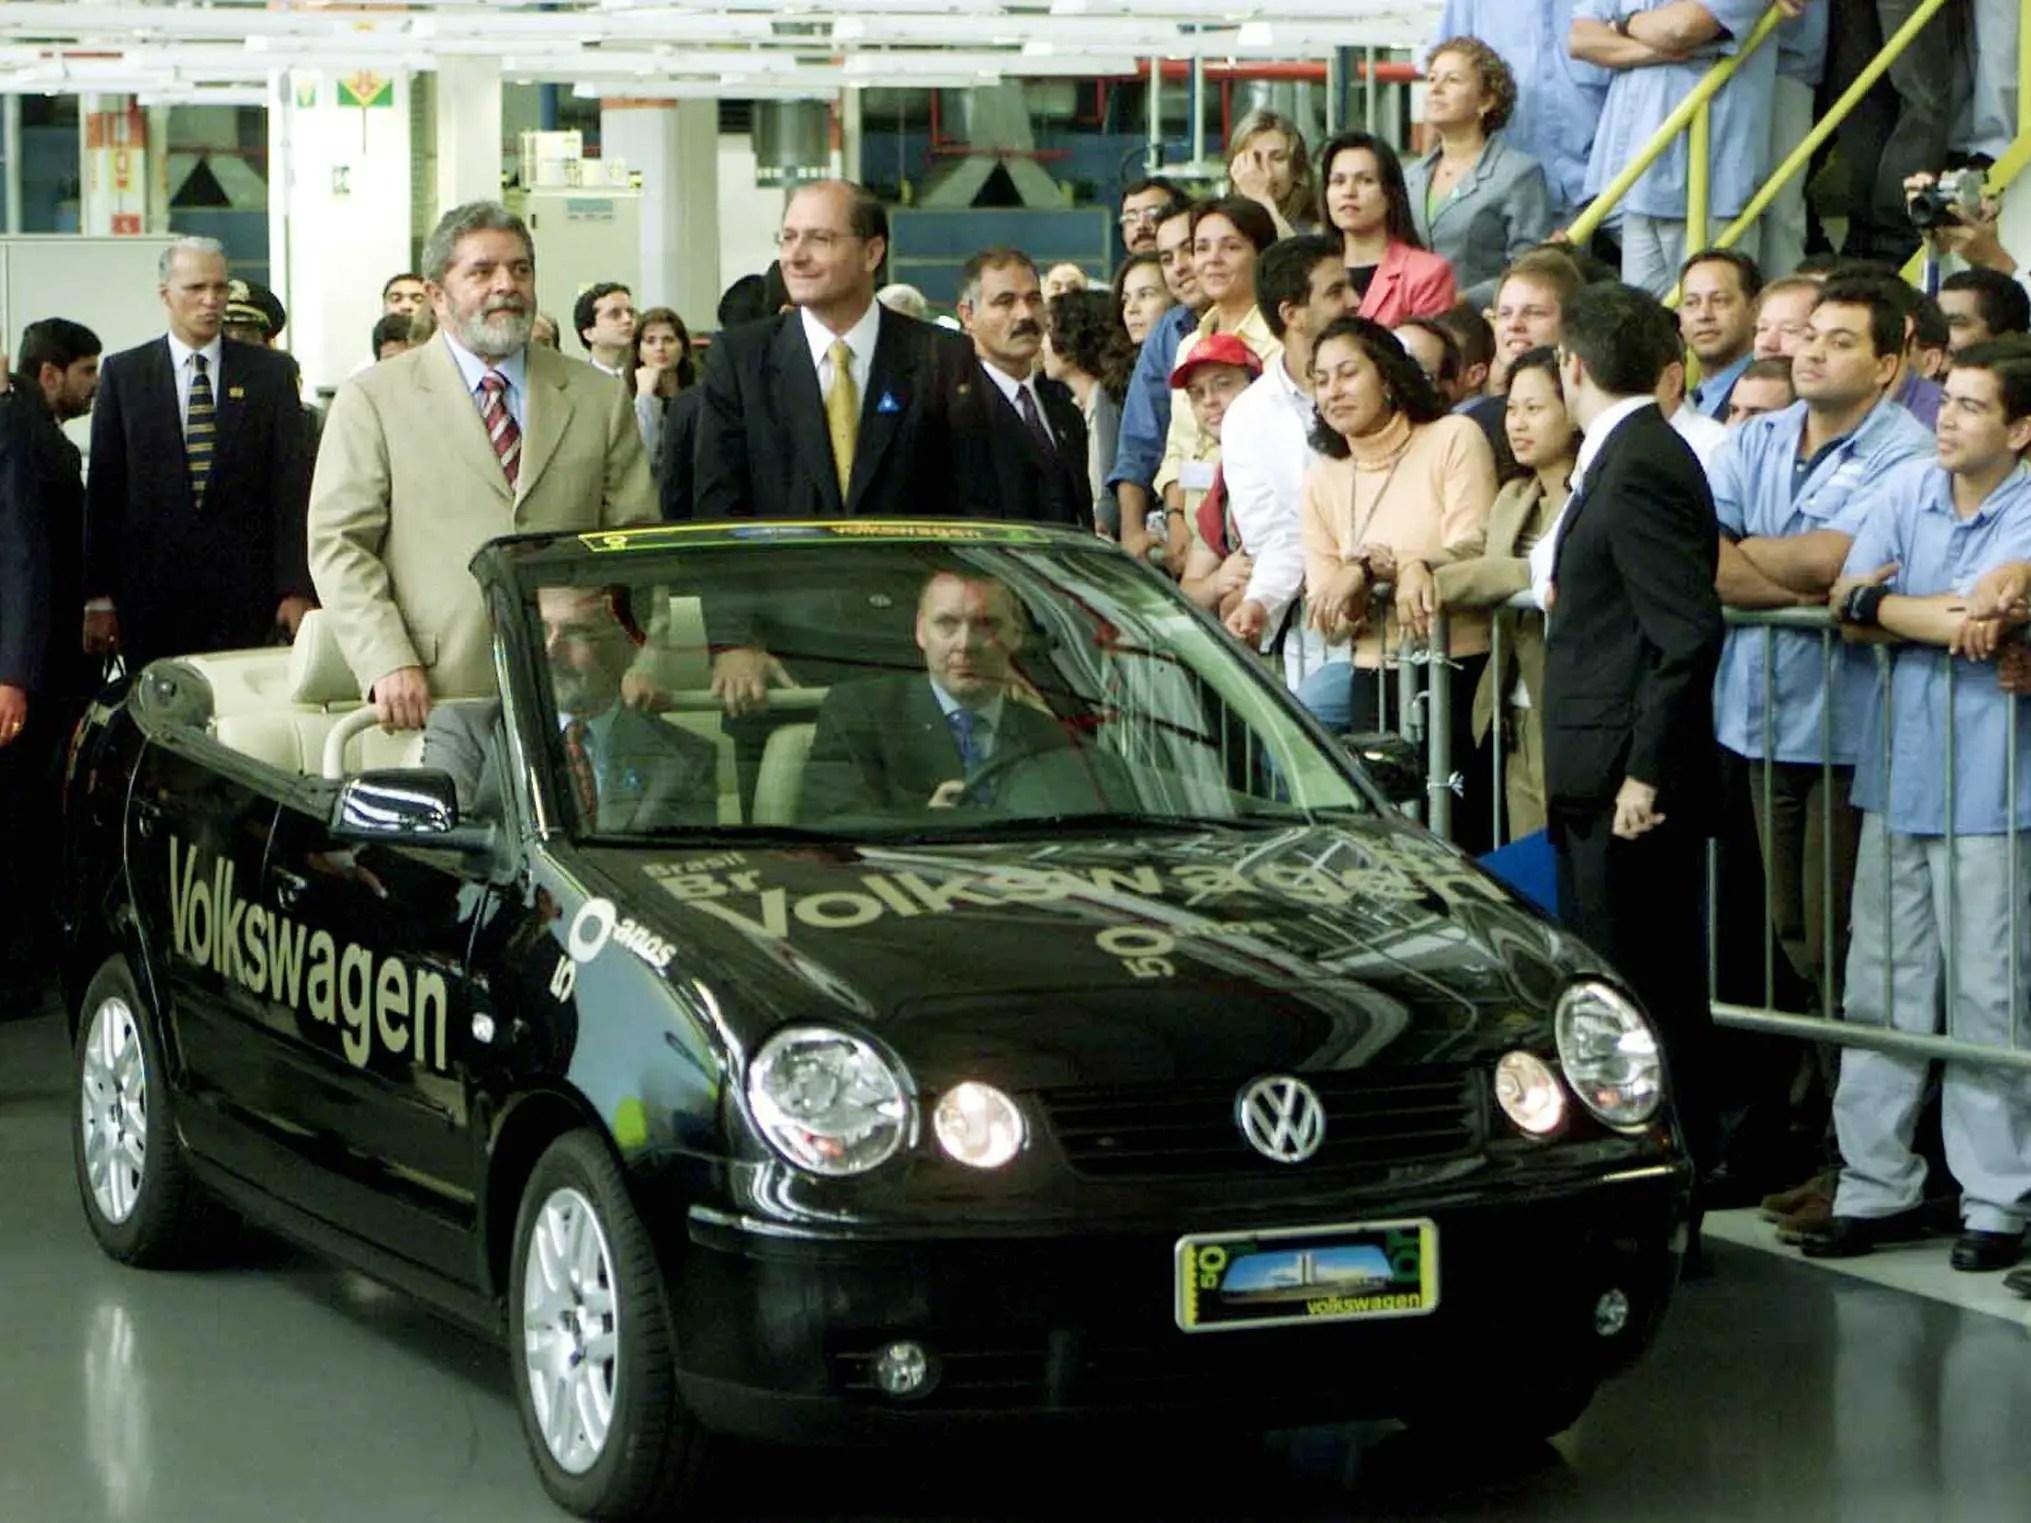 Volkswagen Polo Brazil President Lula